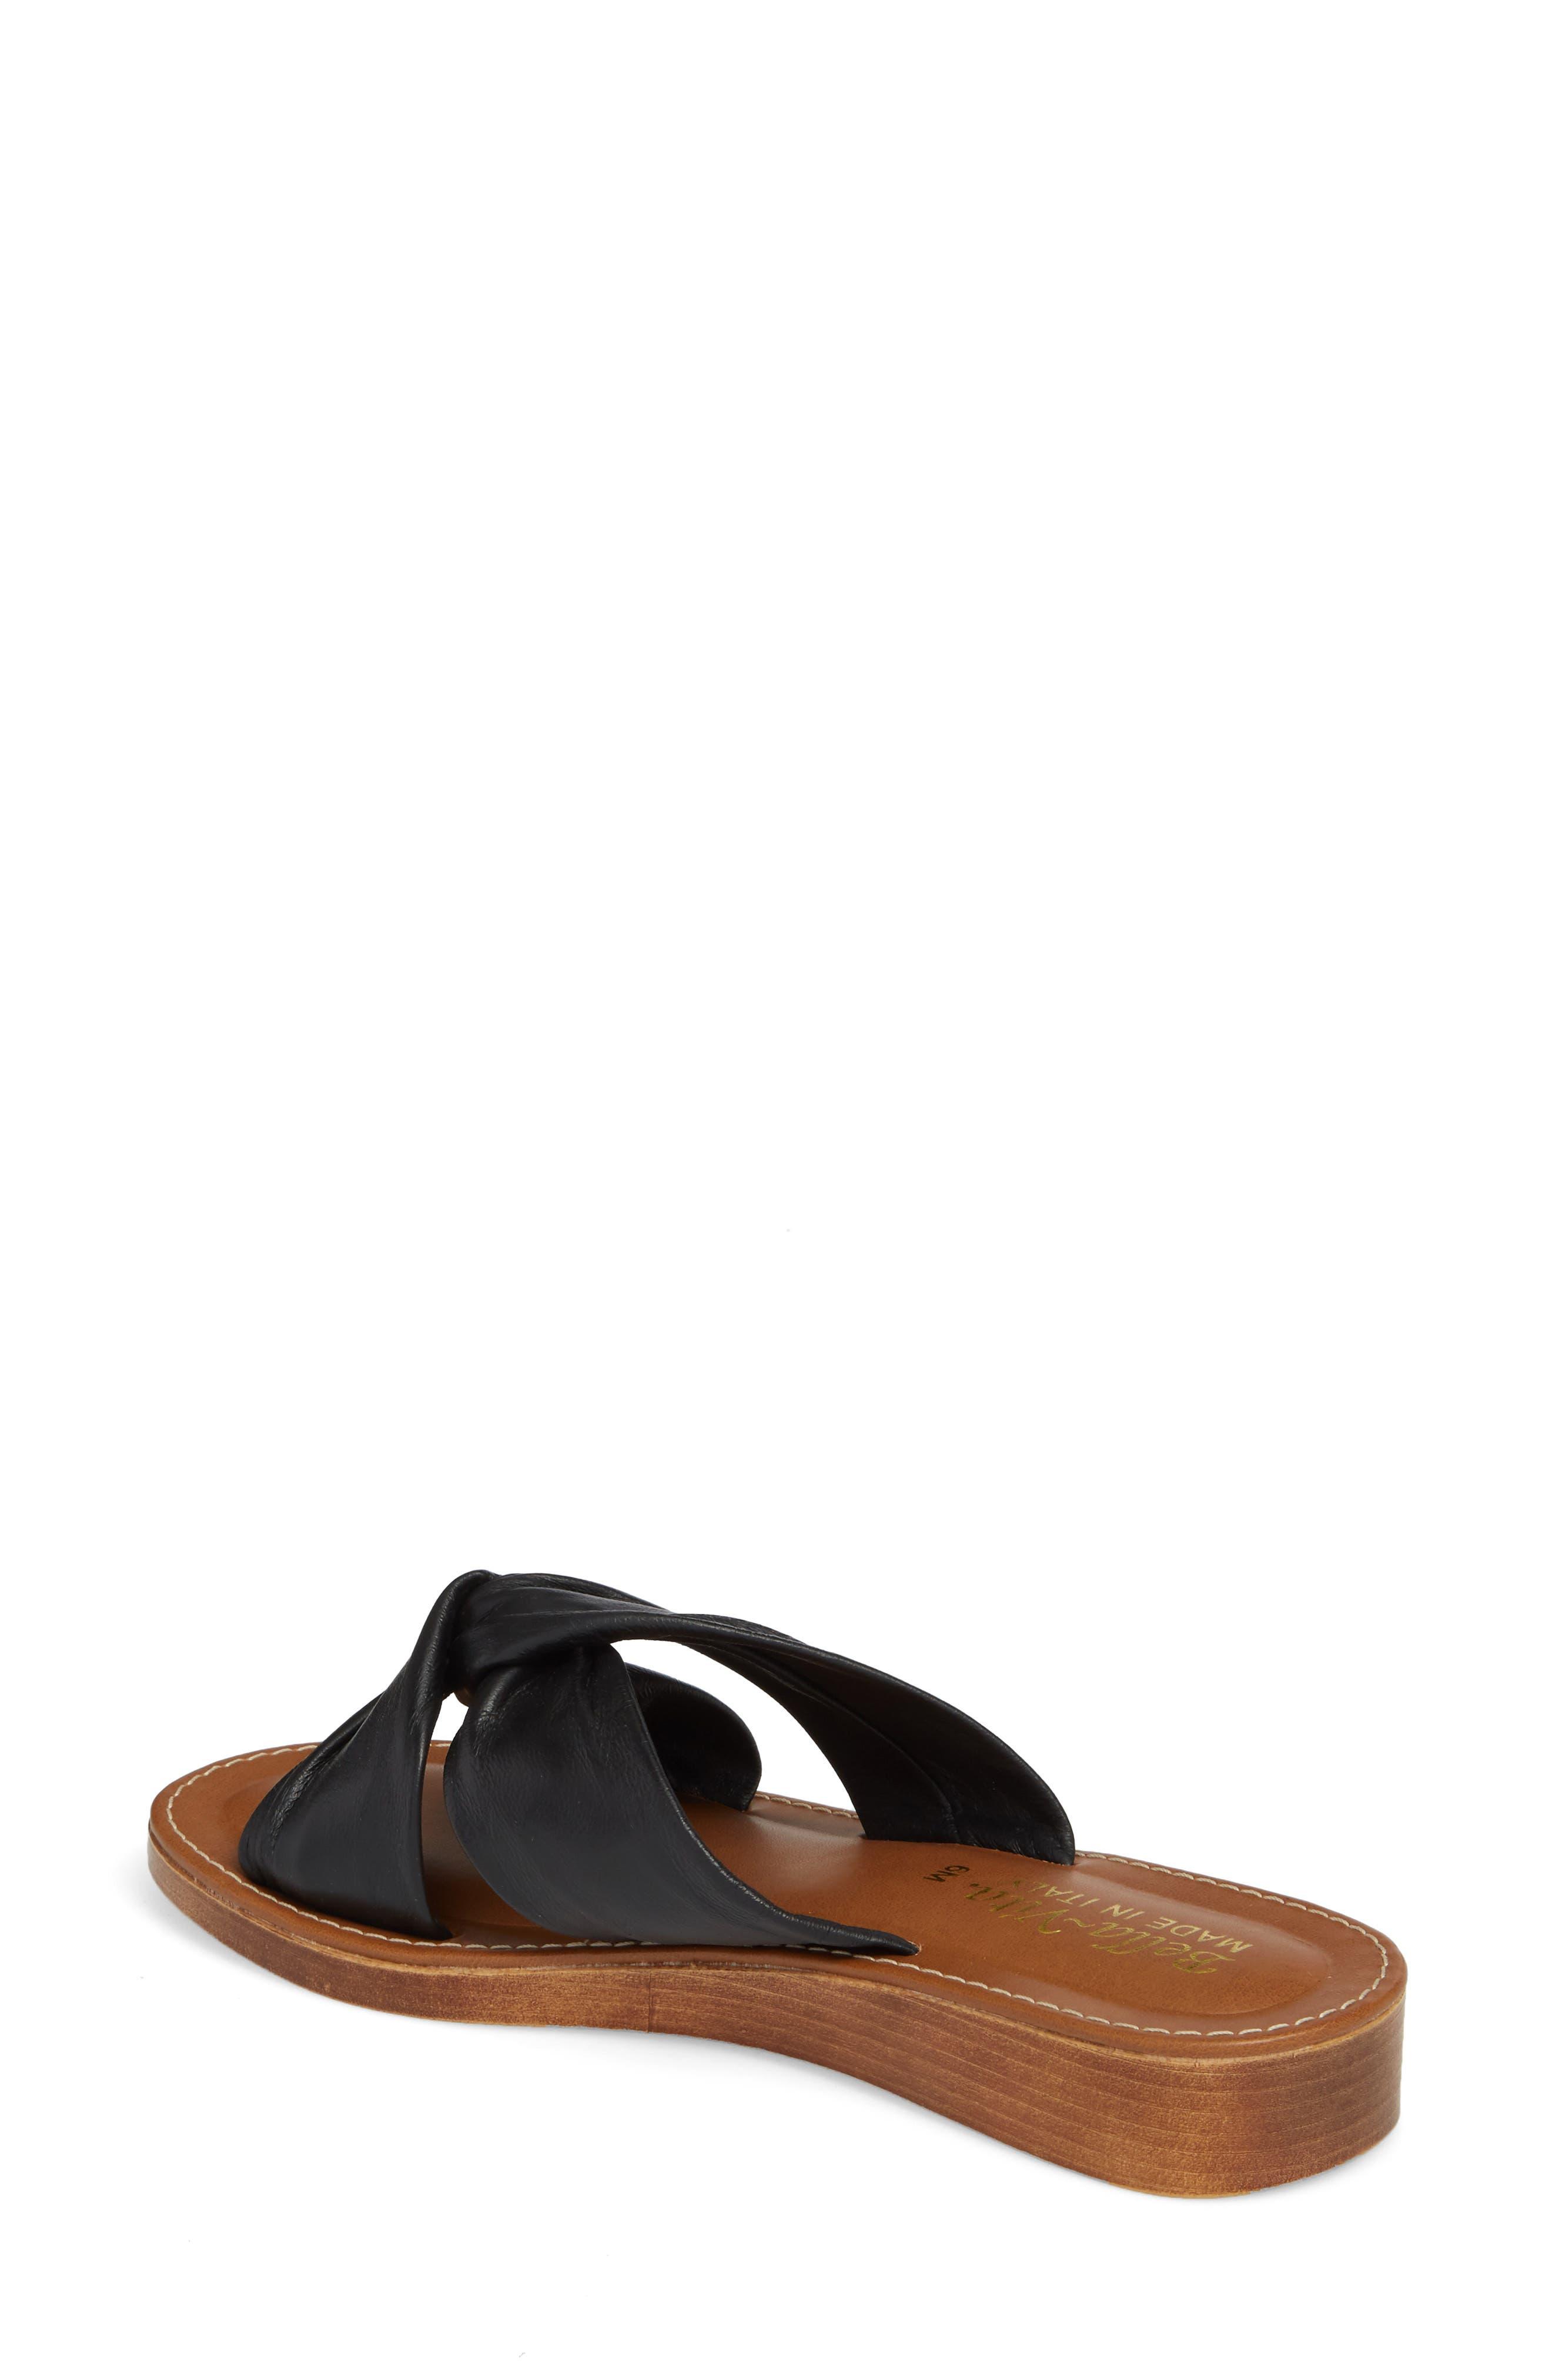 Noa Slide Sandal,                             Alternate thumbnail 2, color,                             001